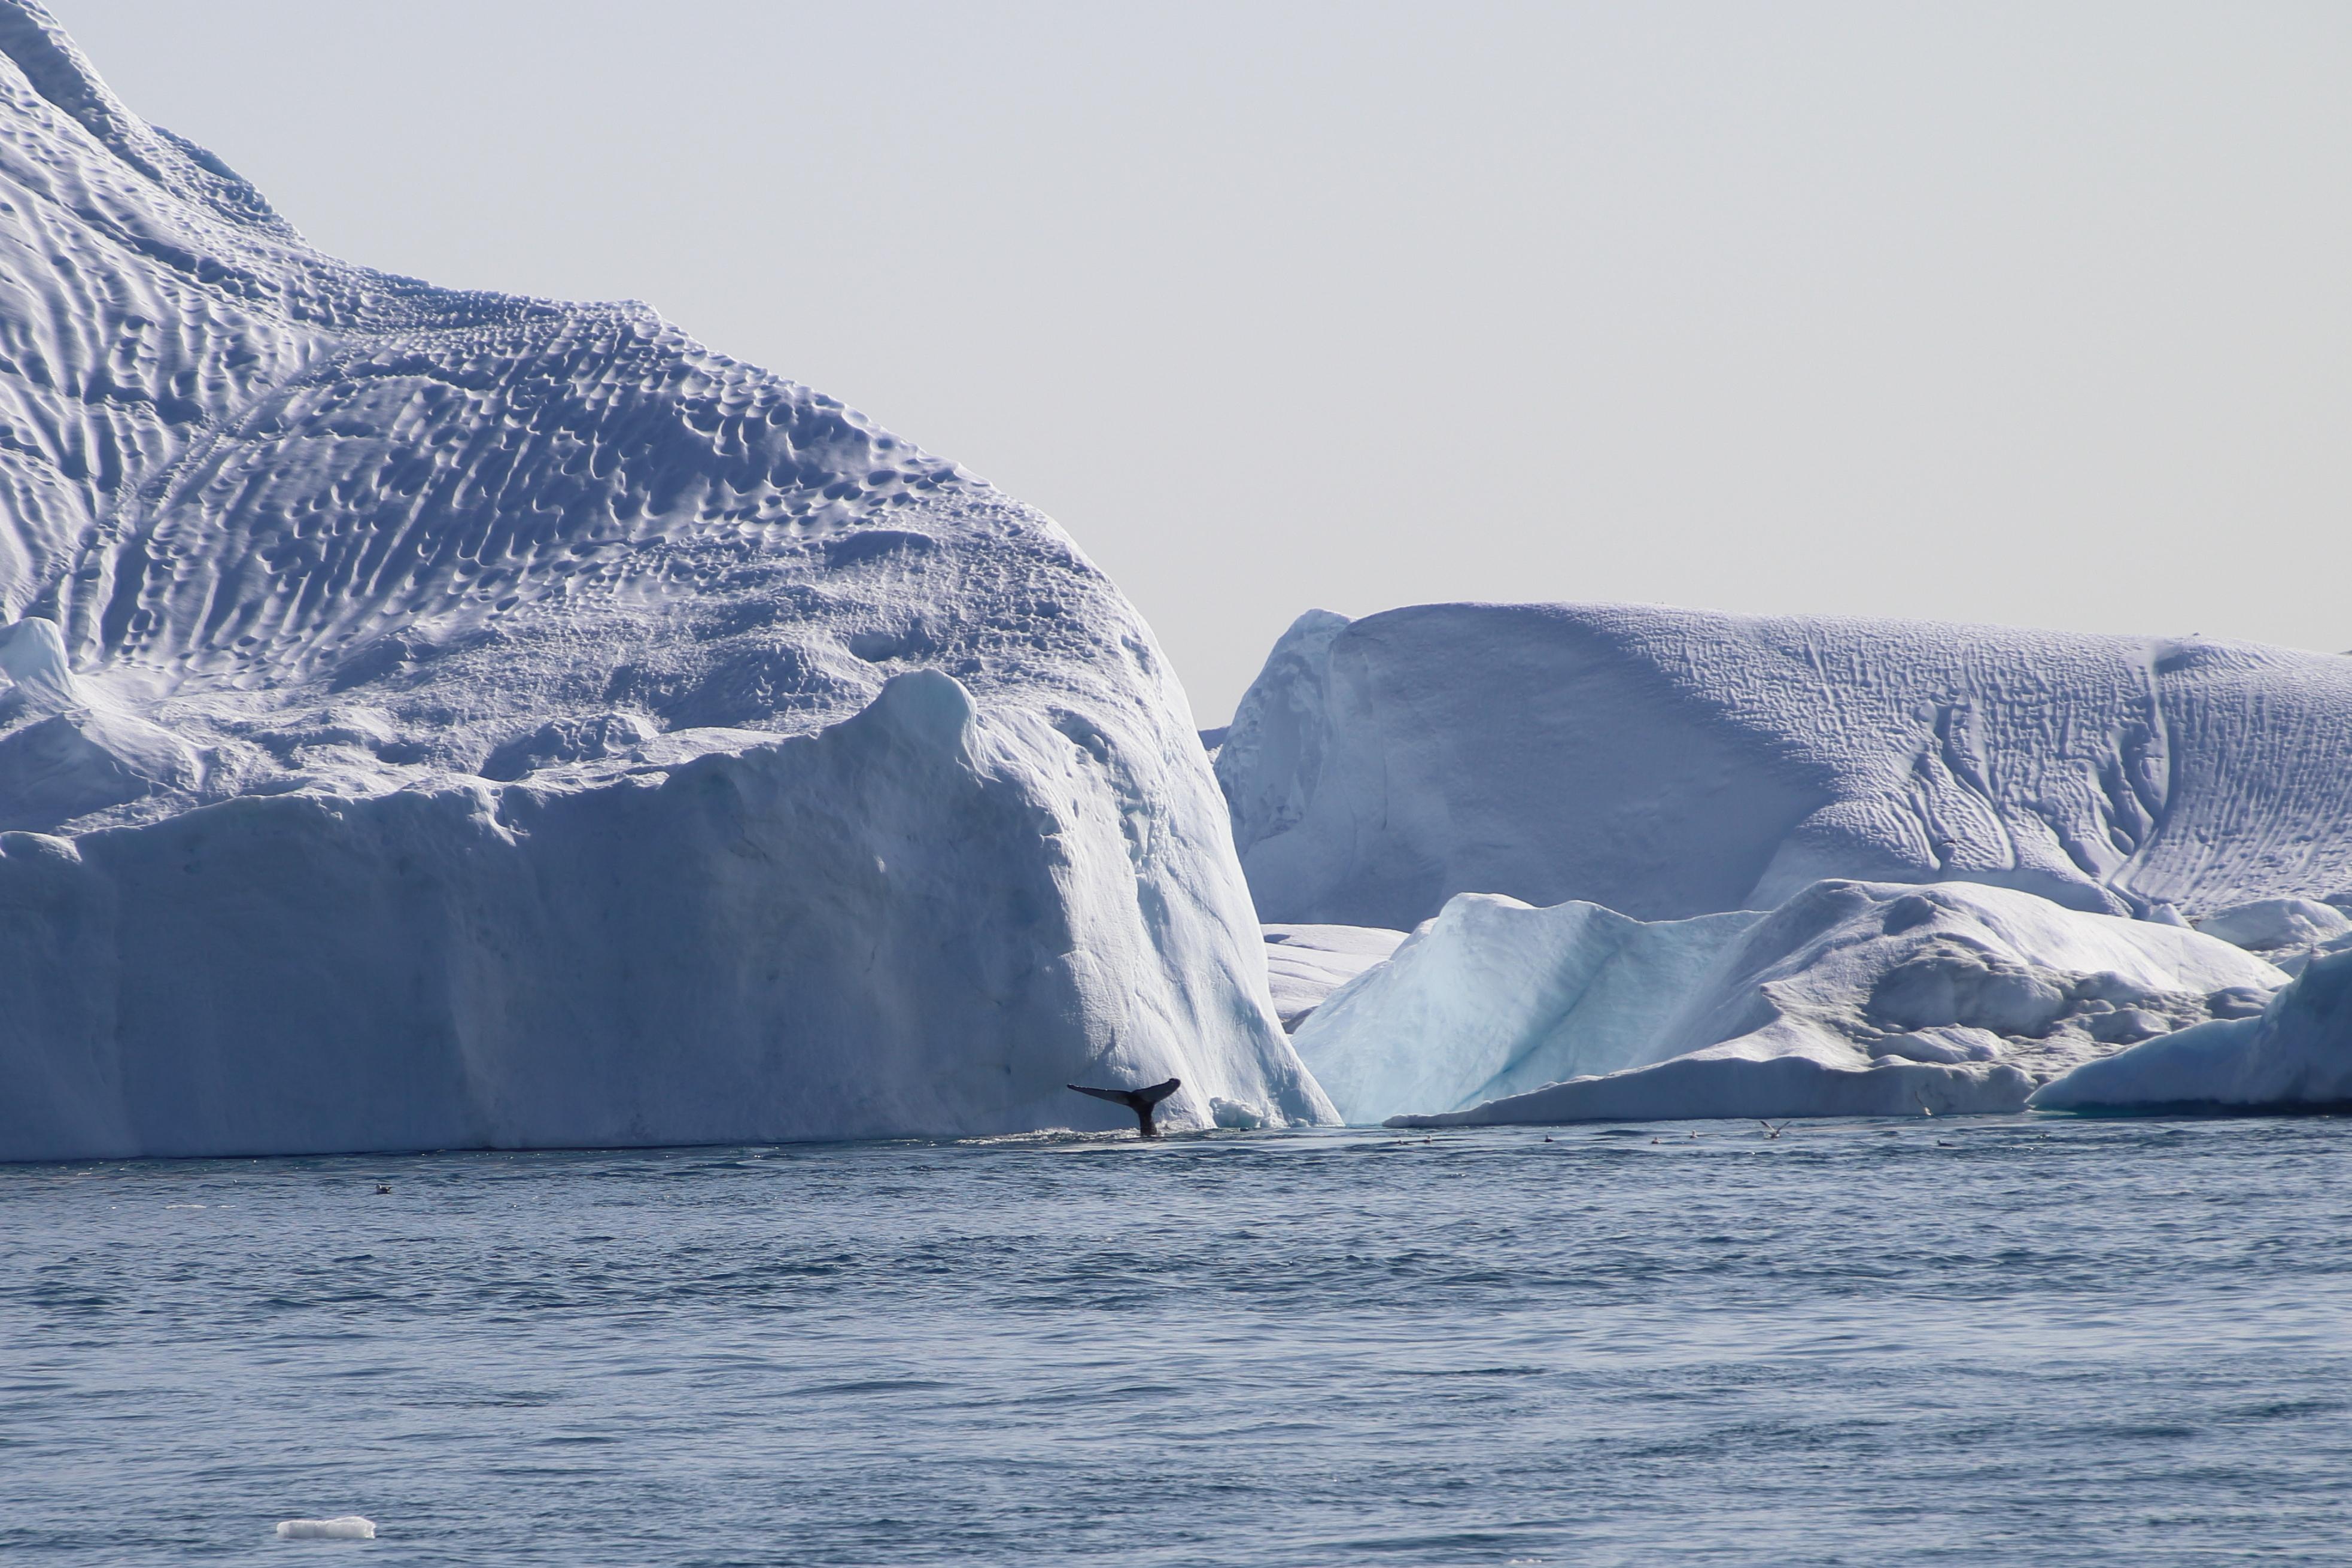 Nimi: Valaan sukellus, Kuvaaja: Jarmo Frii